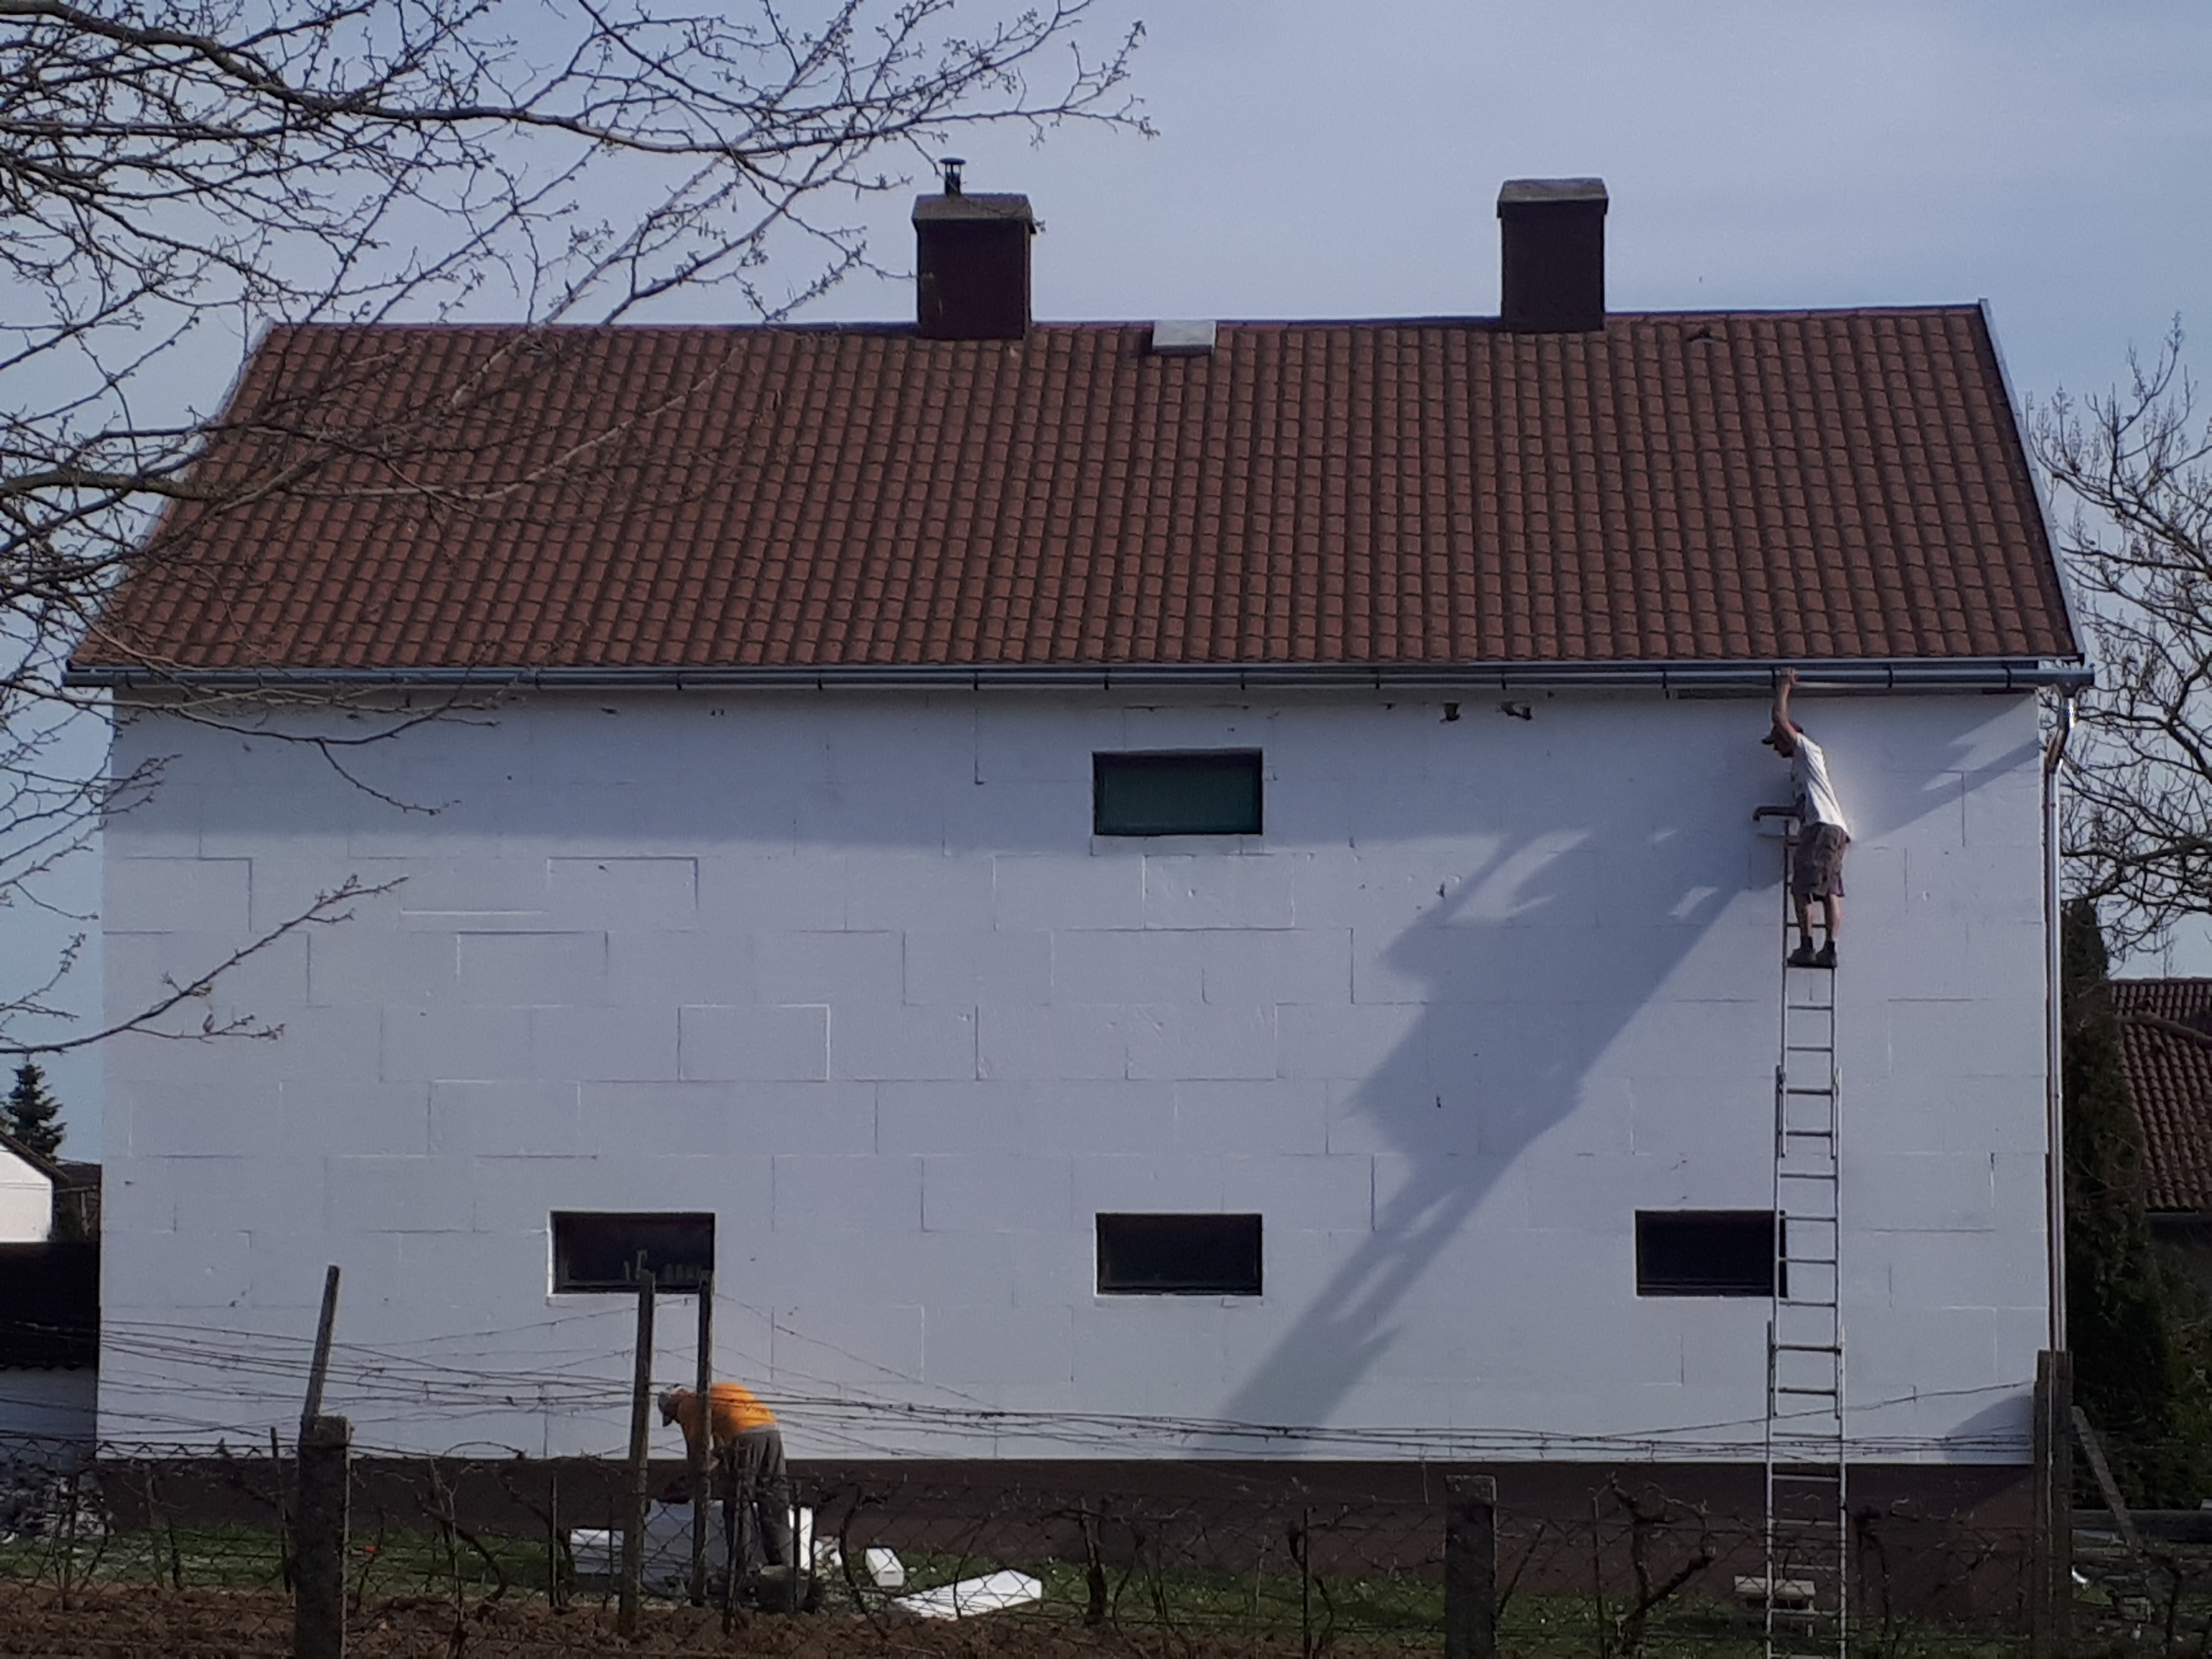 Palatető felújítás Kisberény, palatető szigetelés KisberényCsaládi ház palatető felújítása